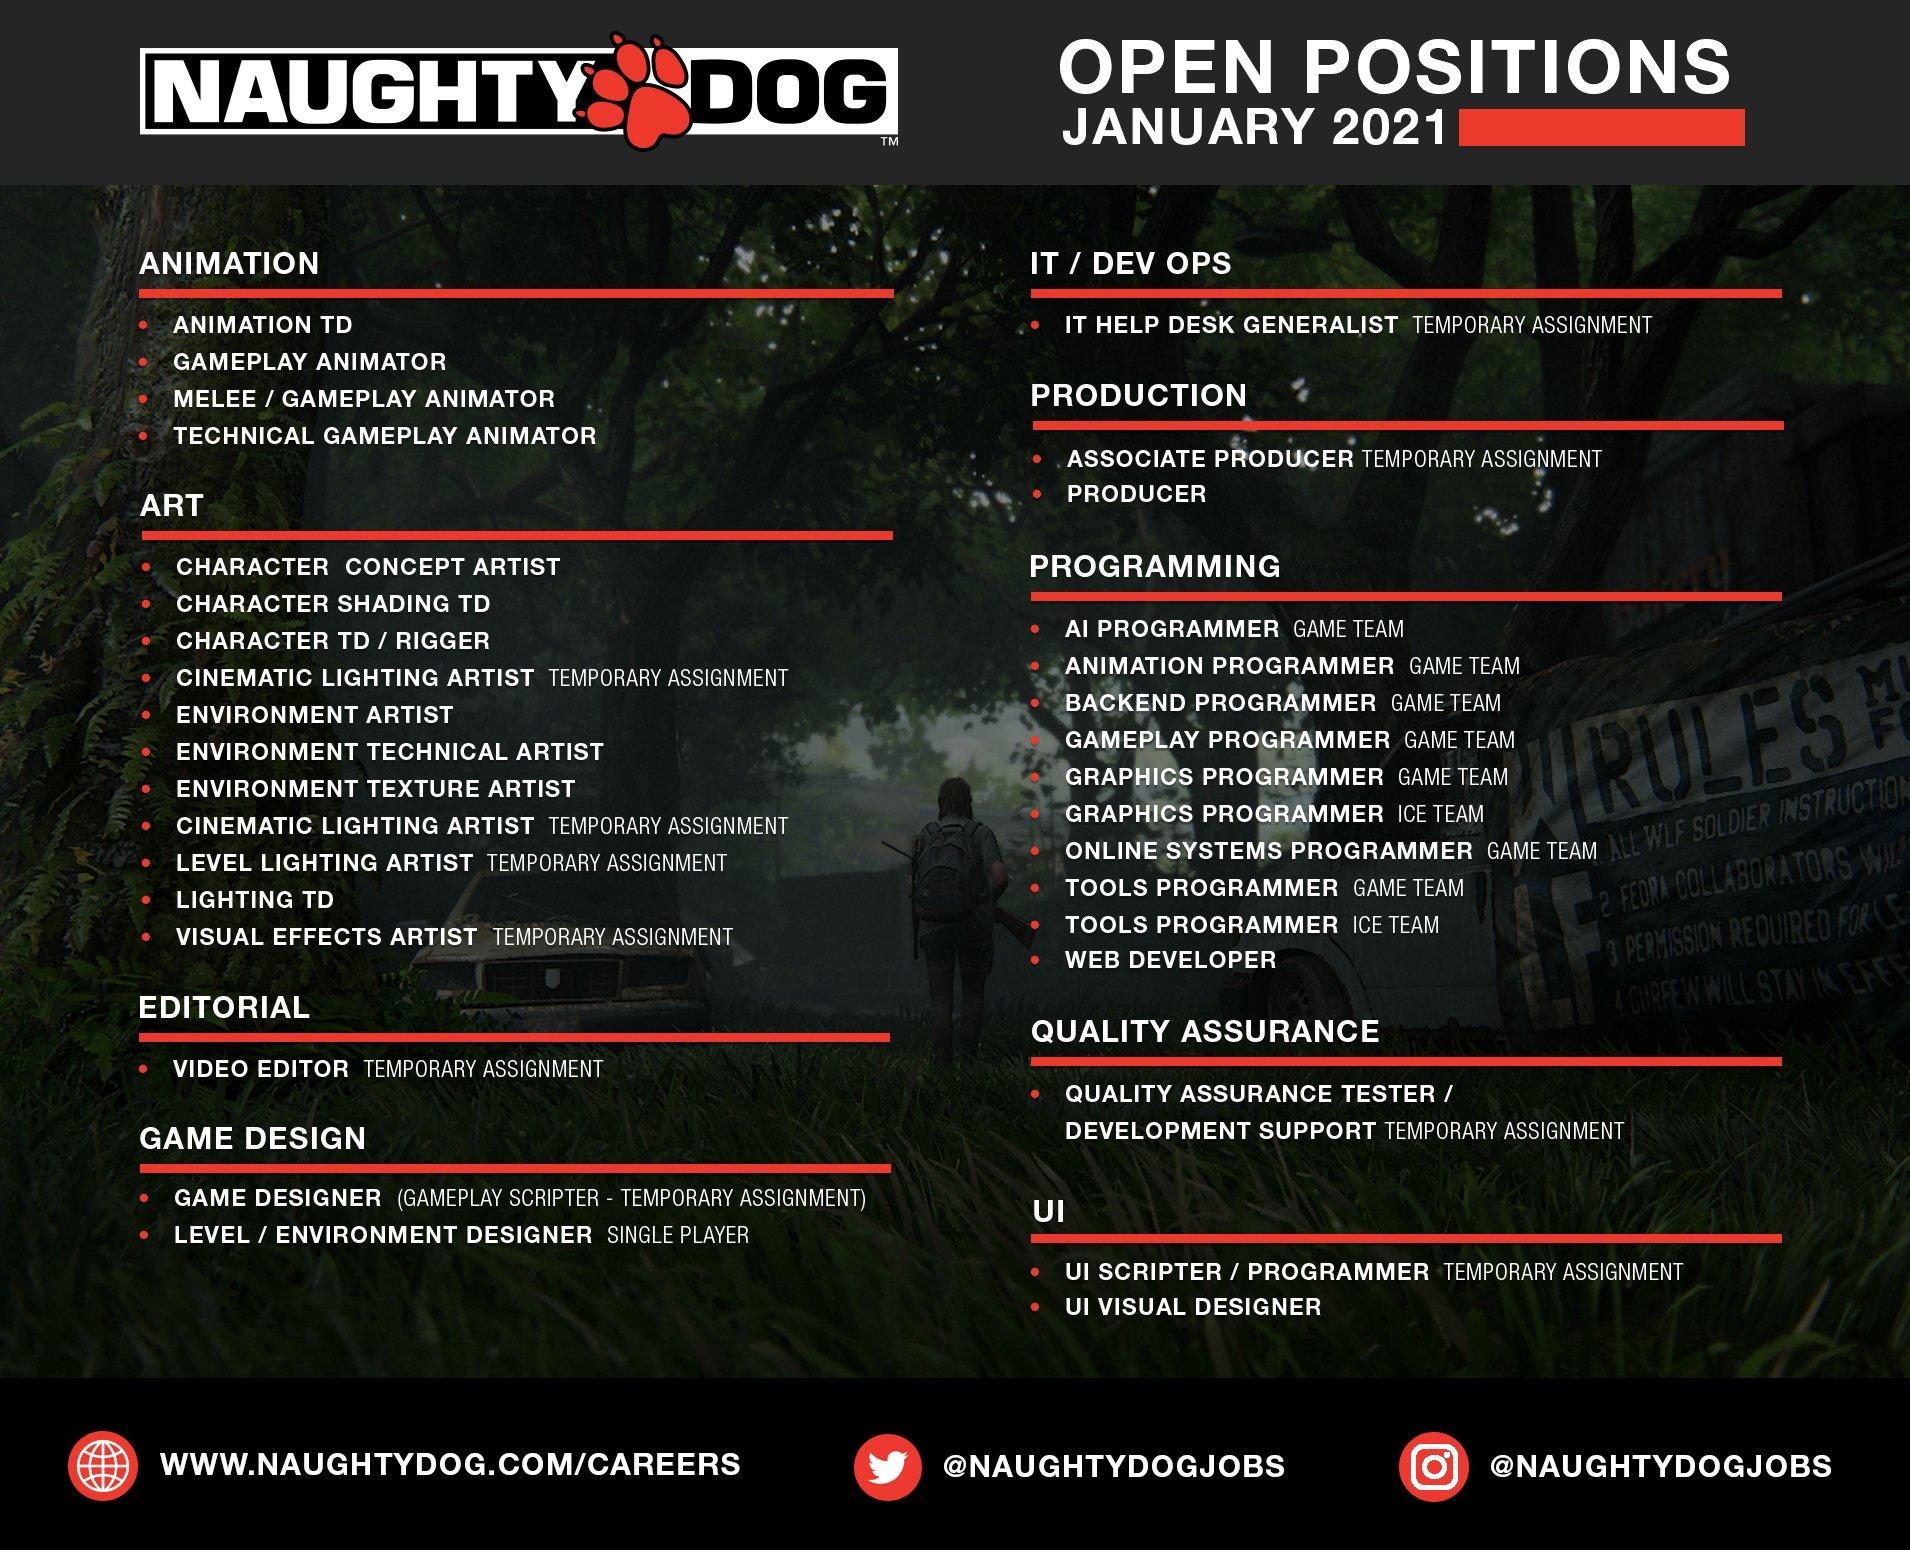 Відкриті вакансії в студії Naughty Dog / фото twitter.com/NaughtyDogJobs